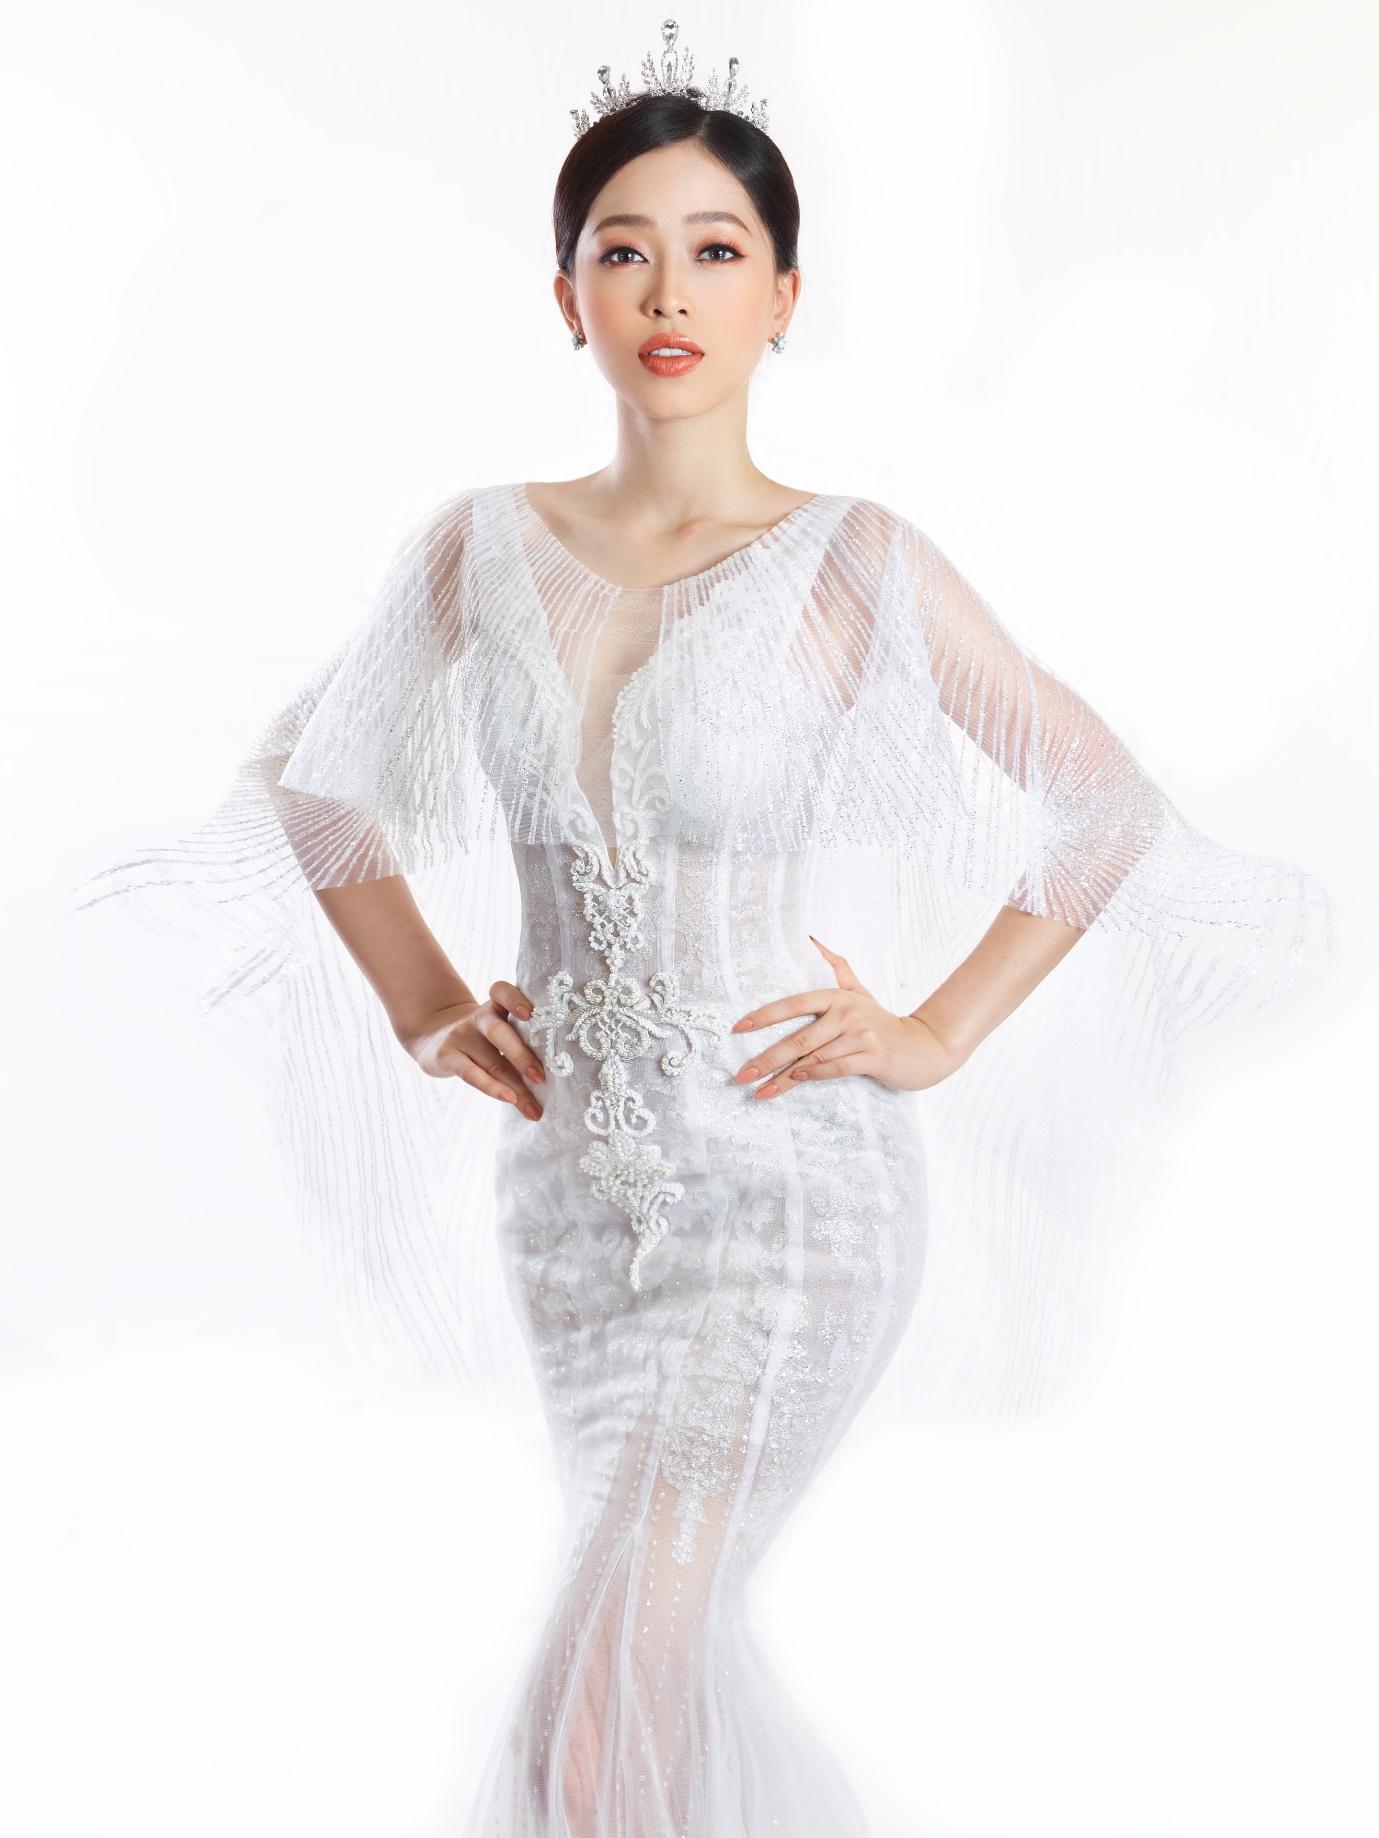 Ngắm Á hậu Bùi Phương Nga đẹp ngẩn ngơ trong BST váy cưới - Ảnh 8.